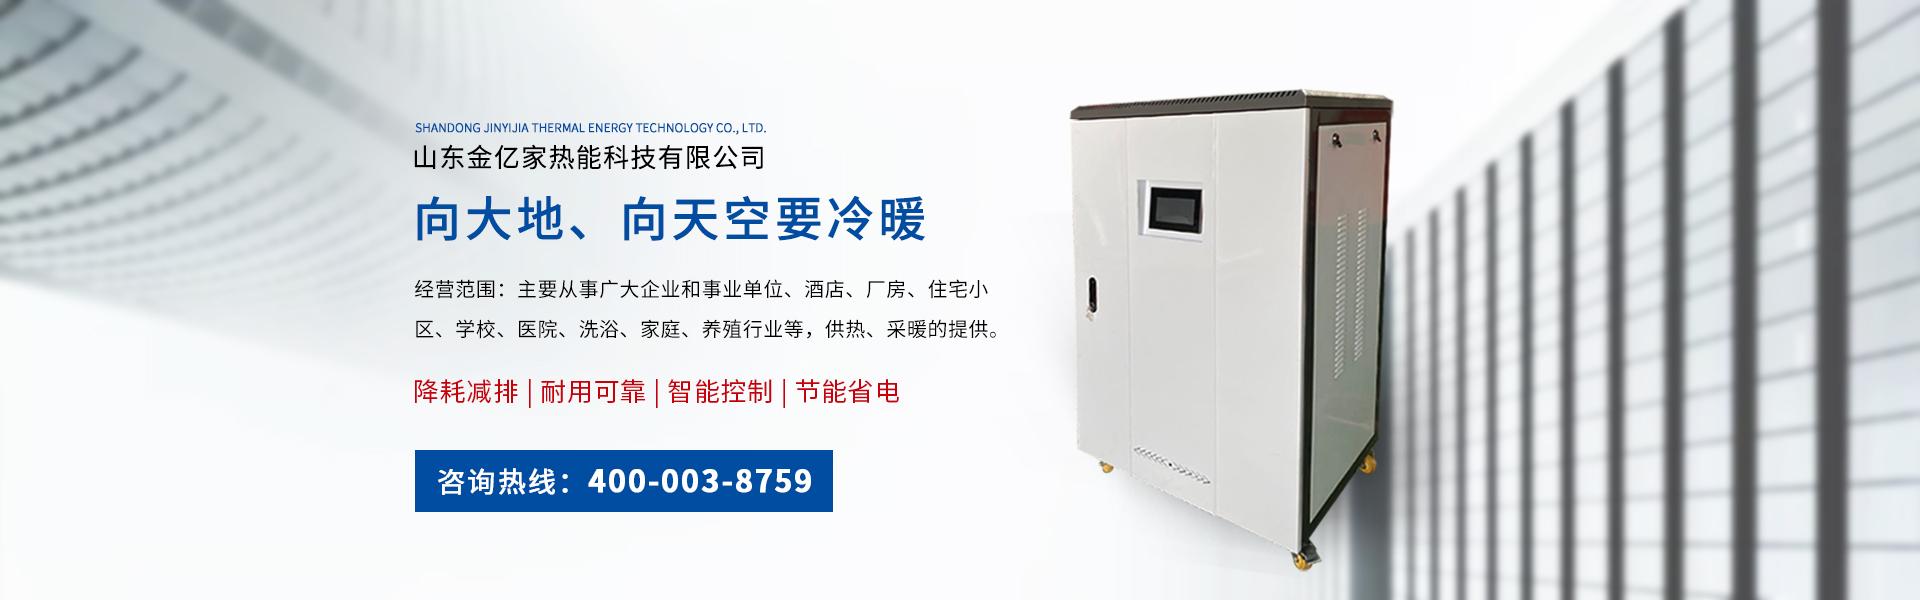 空化电锅炉,空化水源热泵,空化液体电辅供热机组,空化超低温空气能